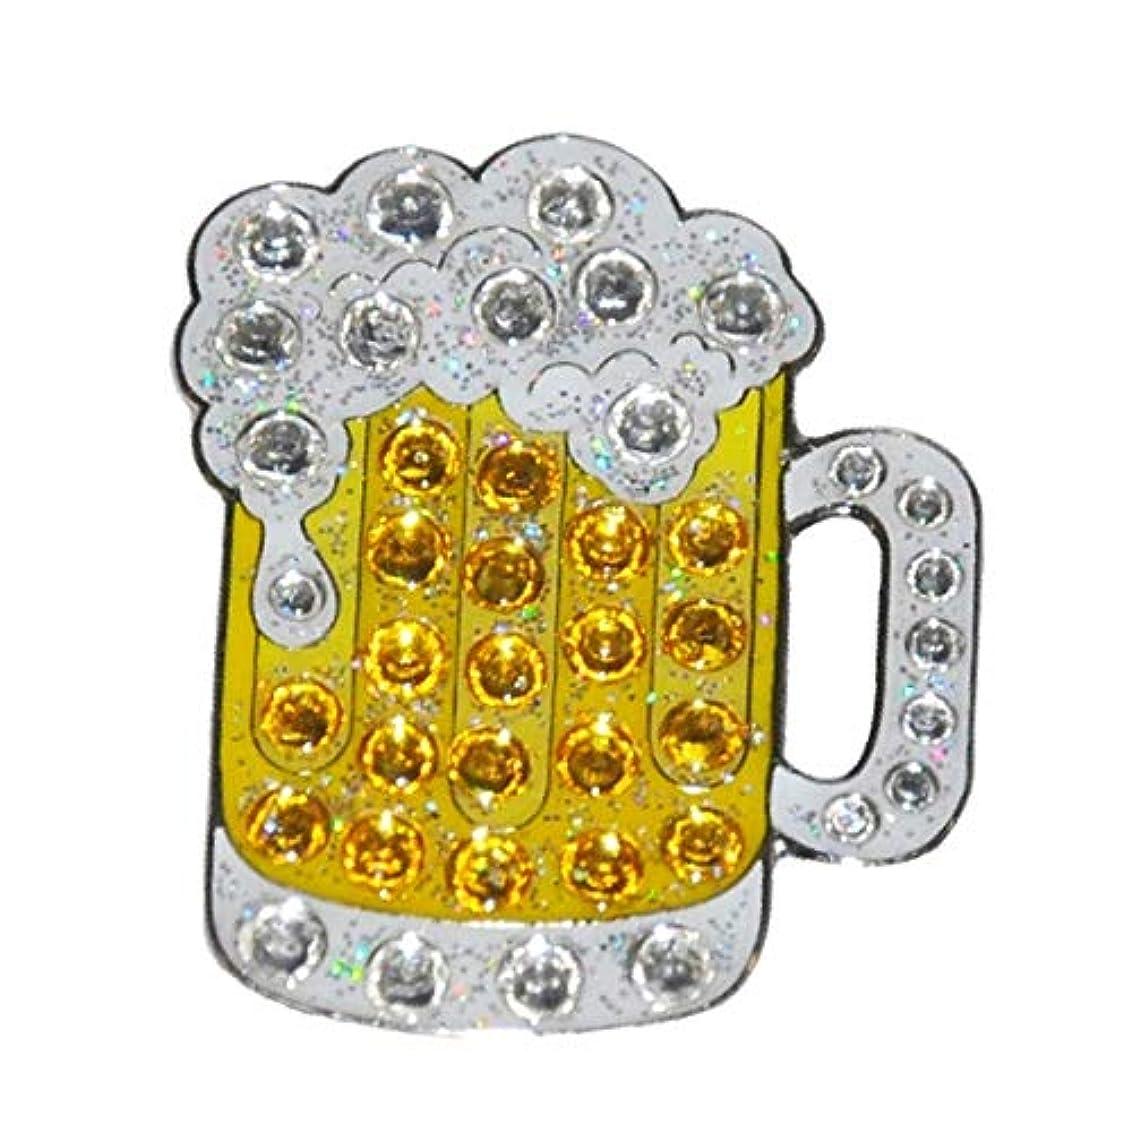 調べる暫定の検閲navikaナビカ【 スワロフスキー クリスタル ゴルフボールマーカー Beer 】 ビール ハットクリップ付 クリップマーカー